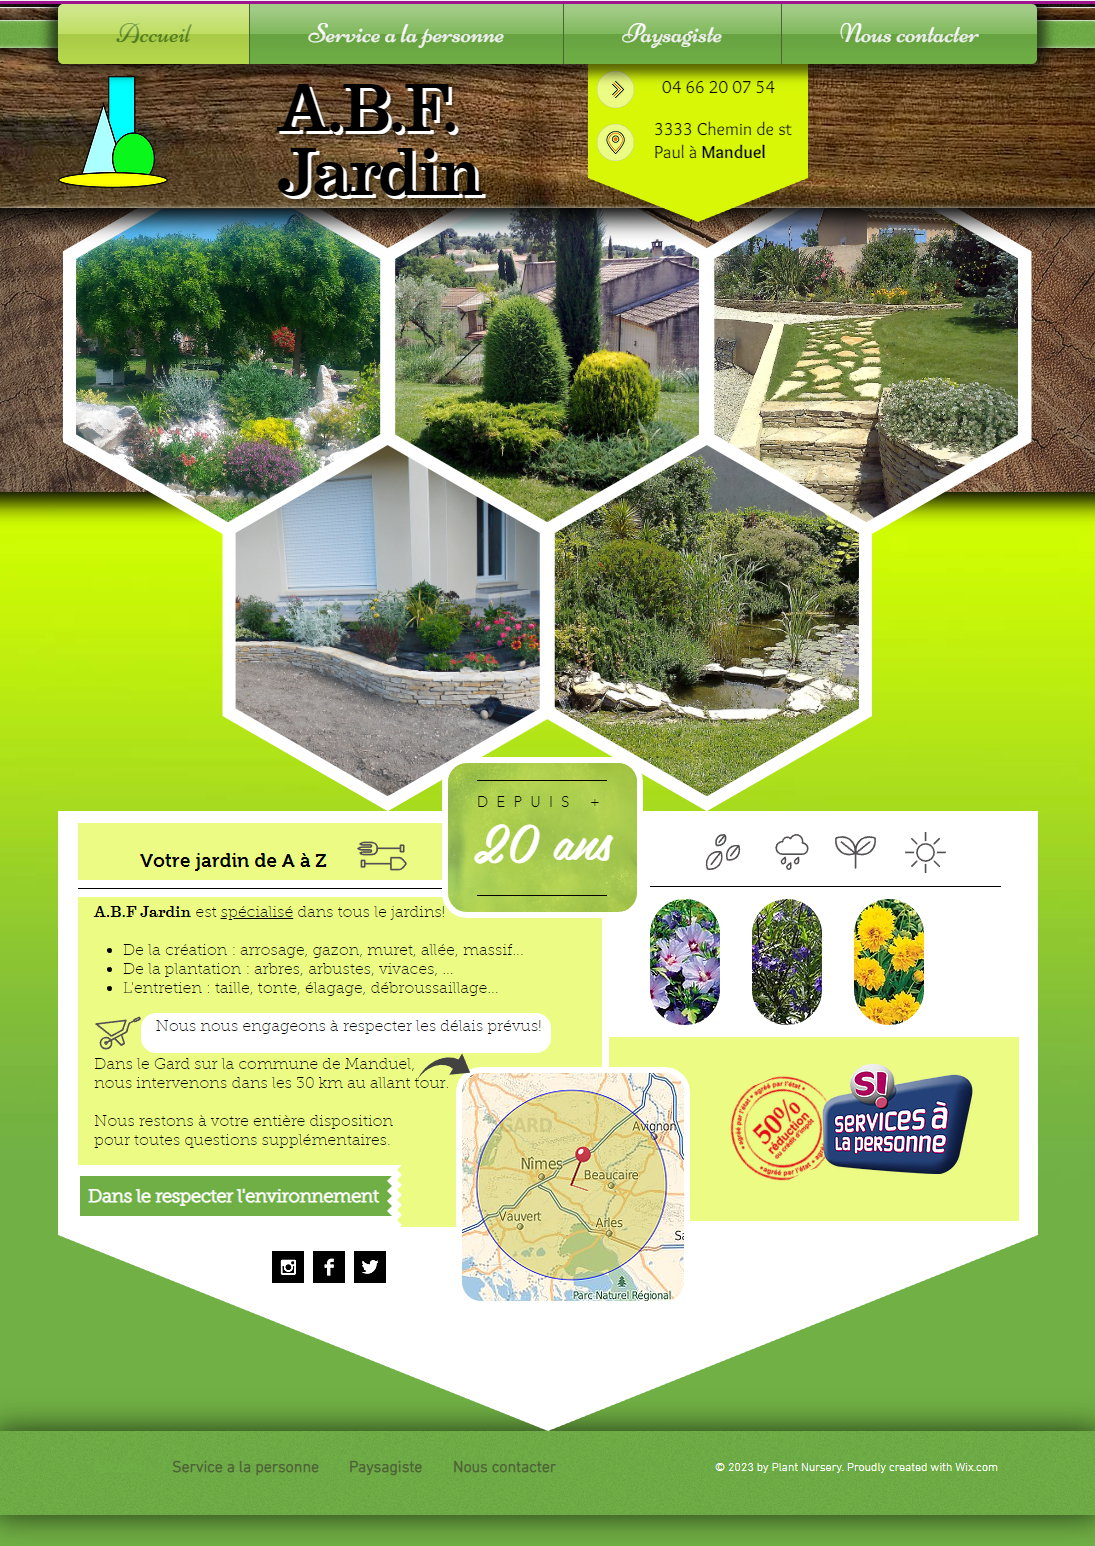 Abf jardin paysagiste dans toute la r gion de nimes votre for Emploi service jardinage